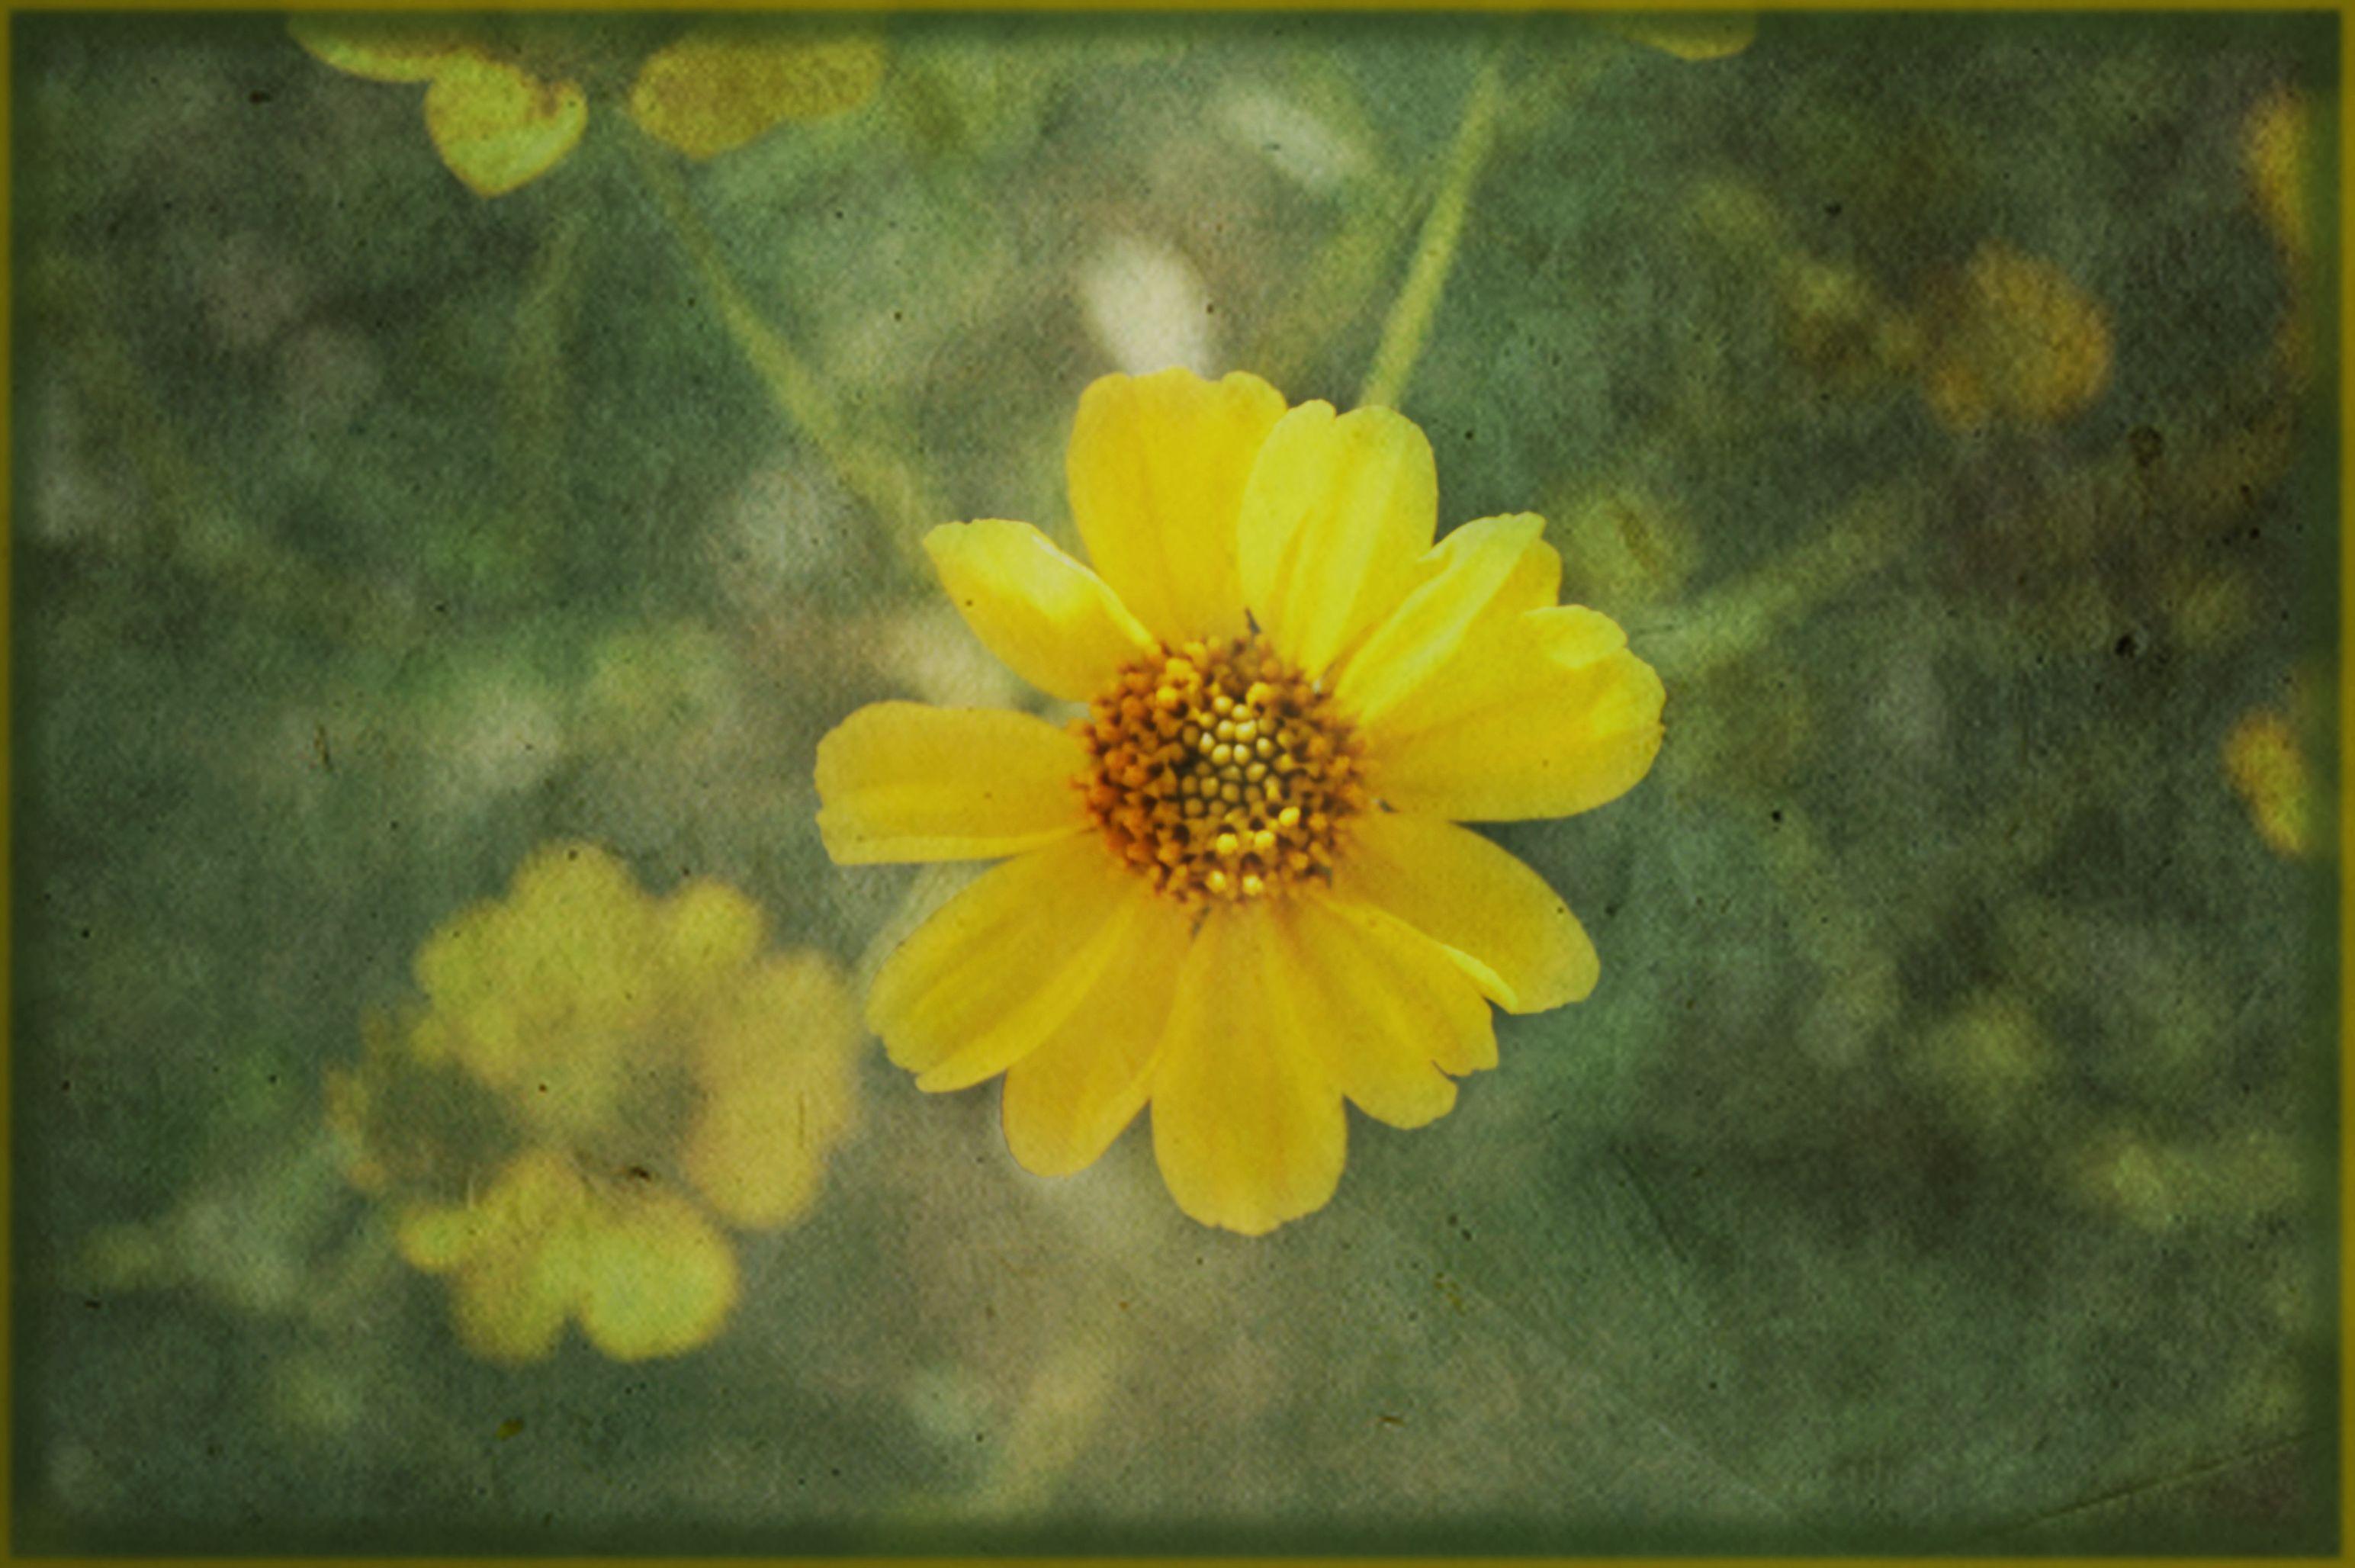 Yellow Desert Flower Yellow Pinterest Desert Flowers